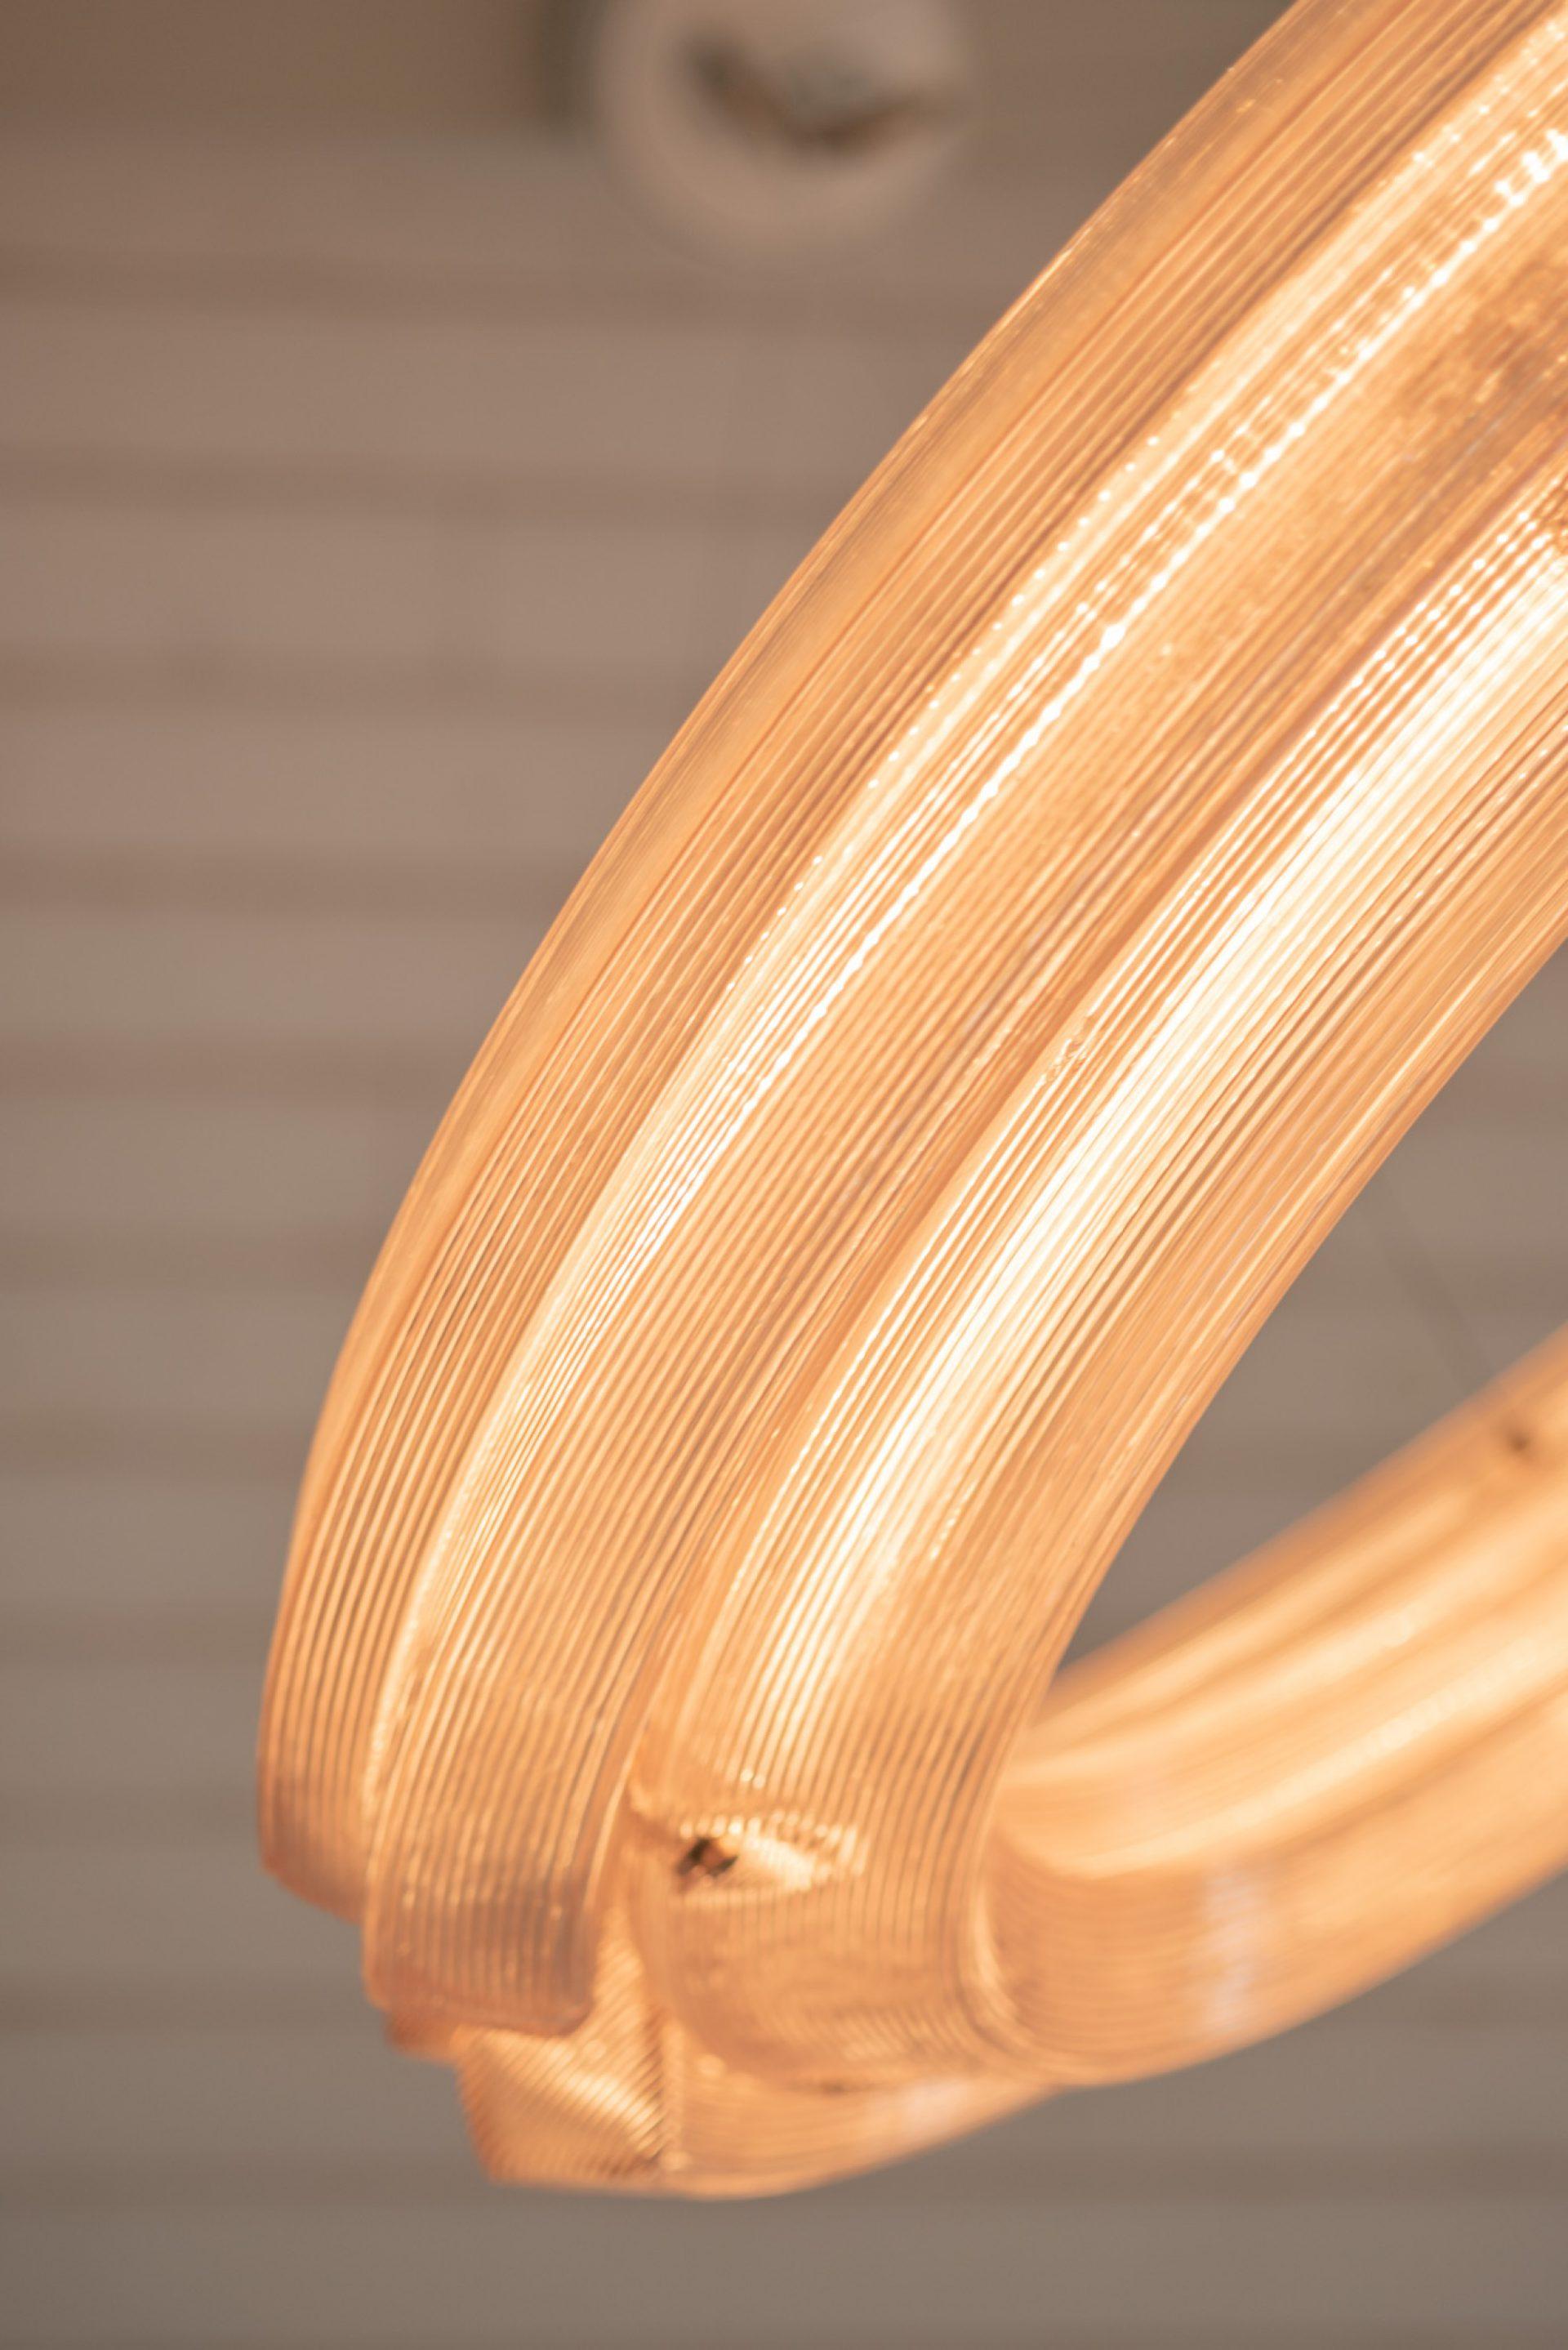 Kooij Buitenhuis Chandelier Light 120 cm detail